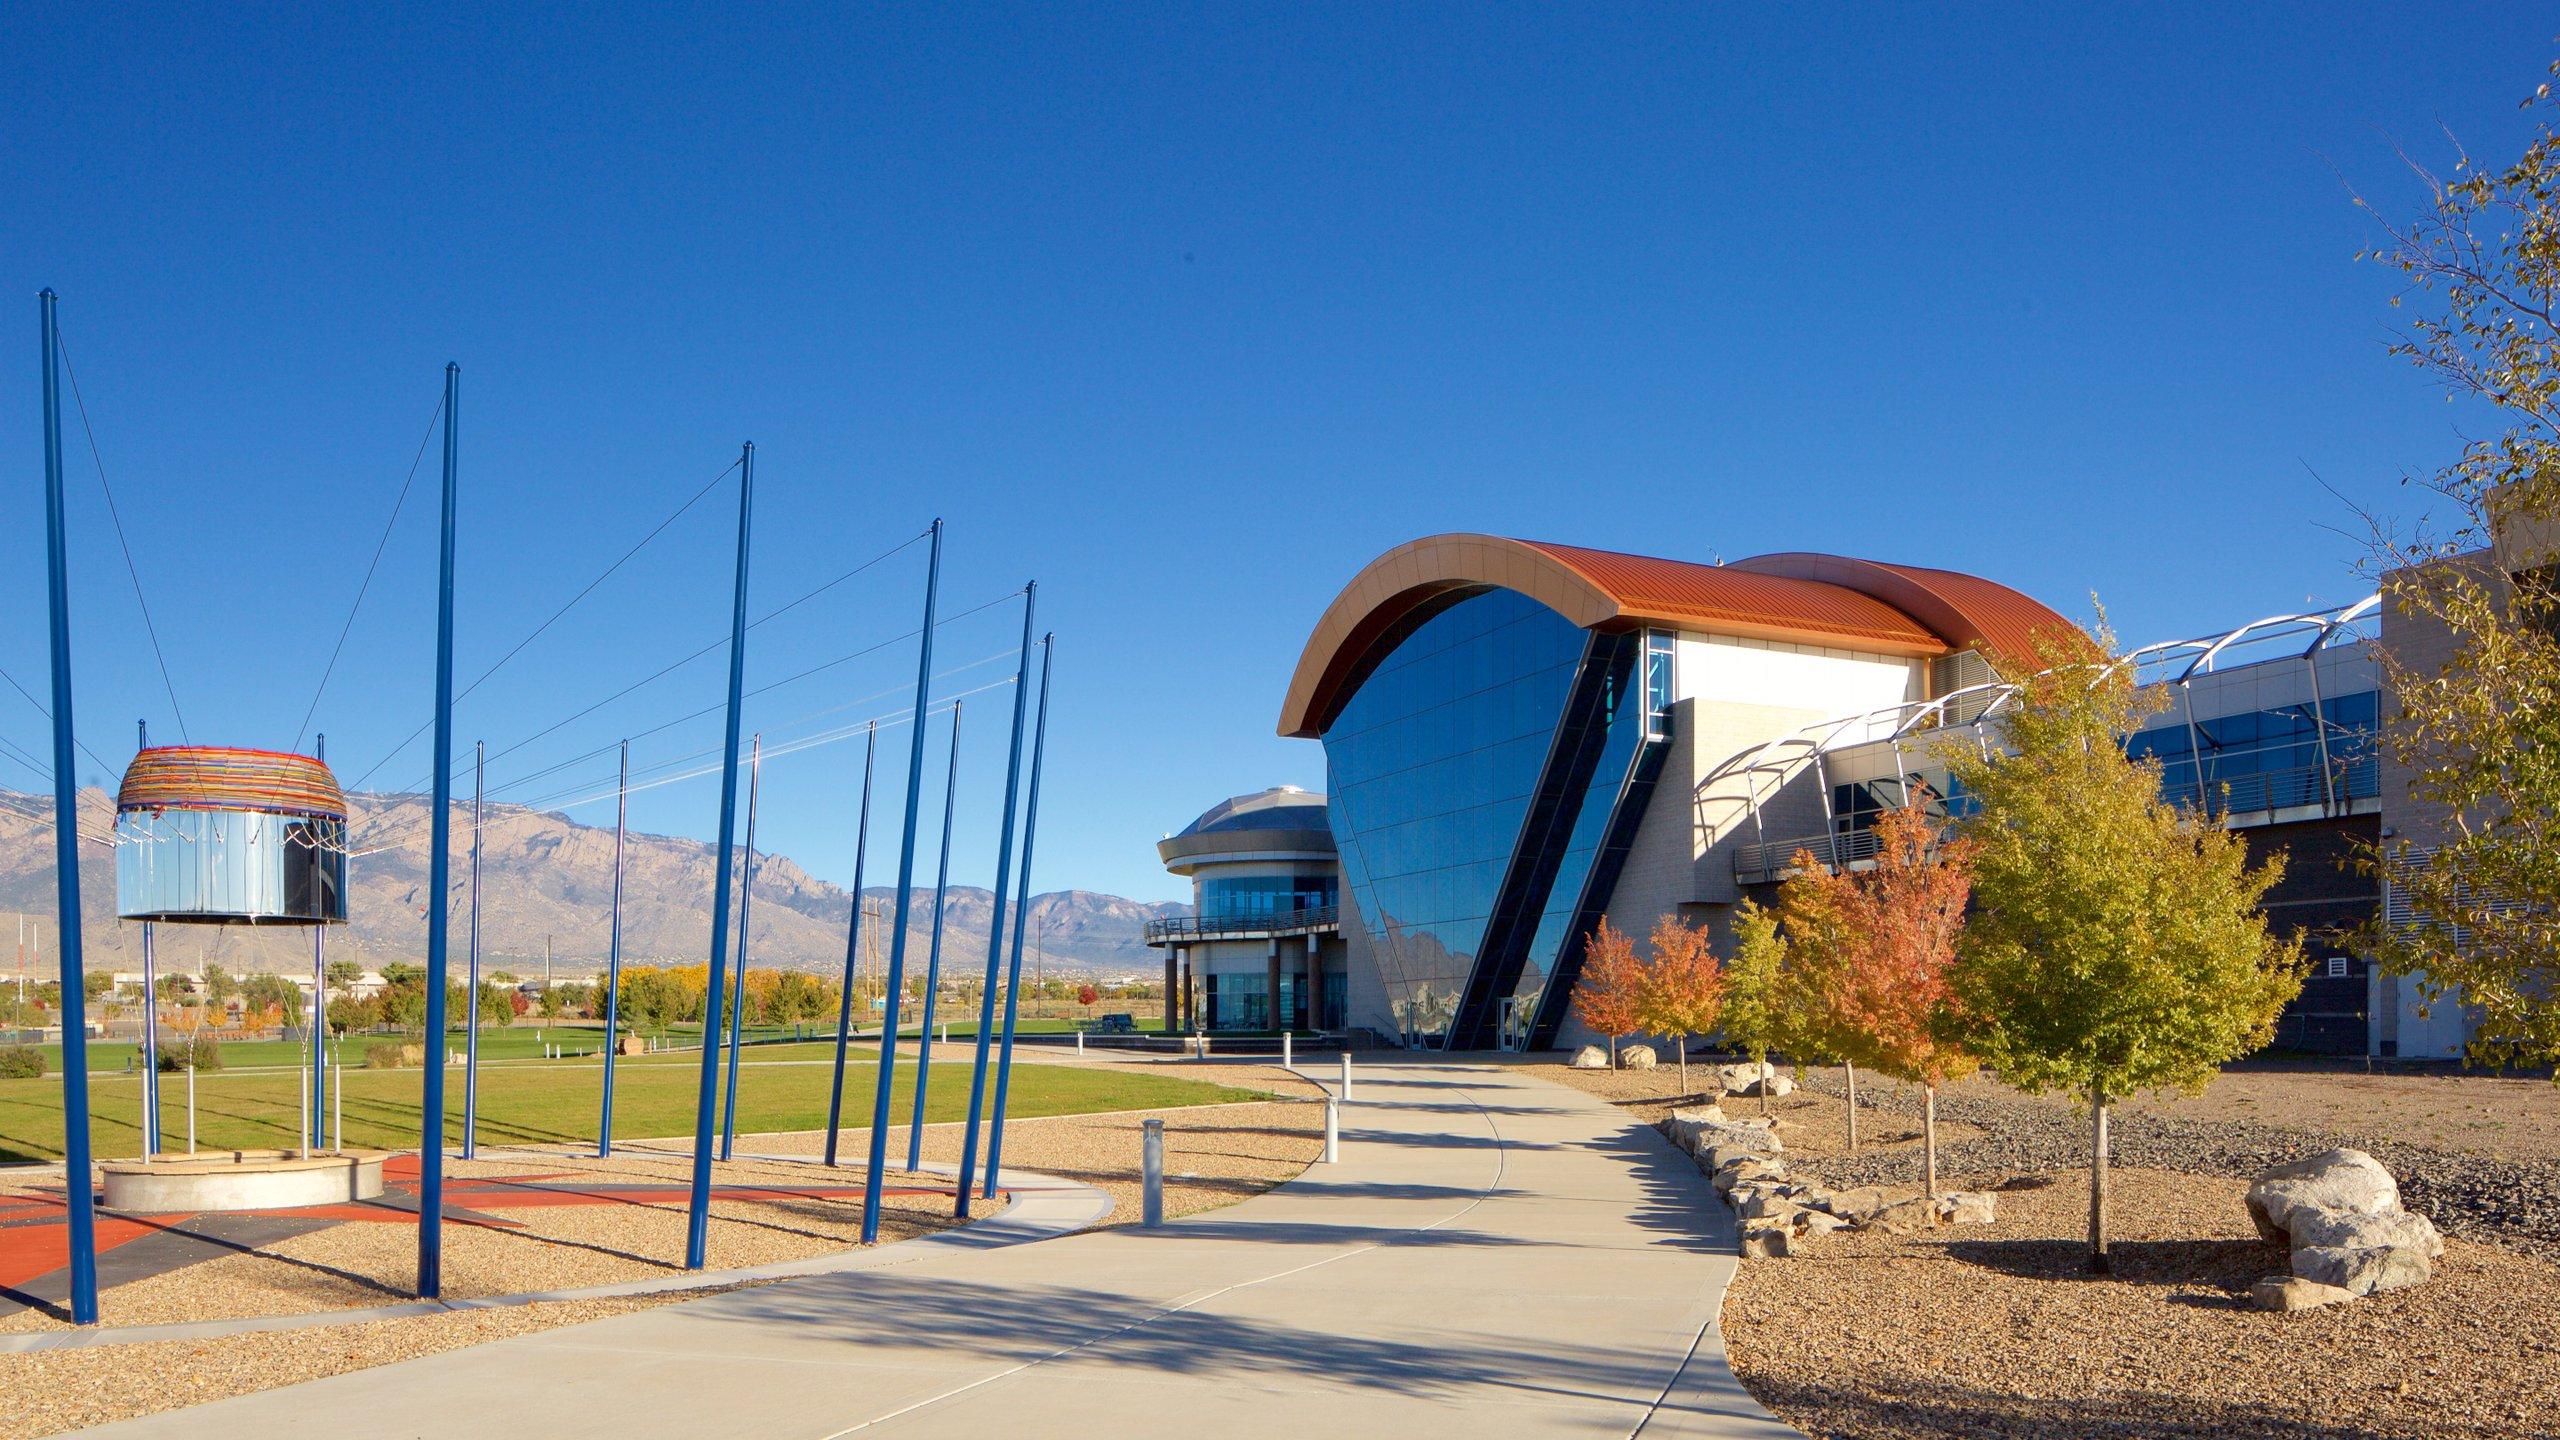 Bernalillo County, New Mexico, United States of America